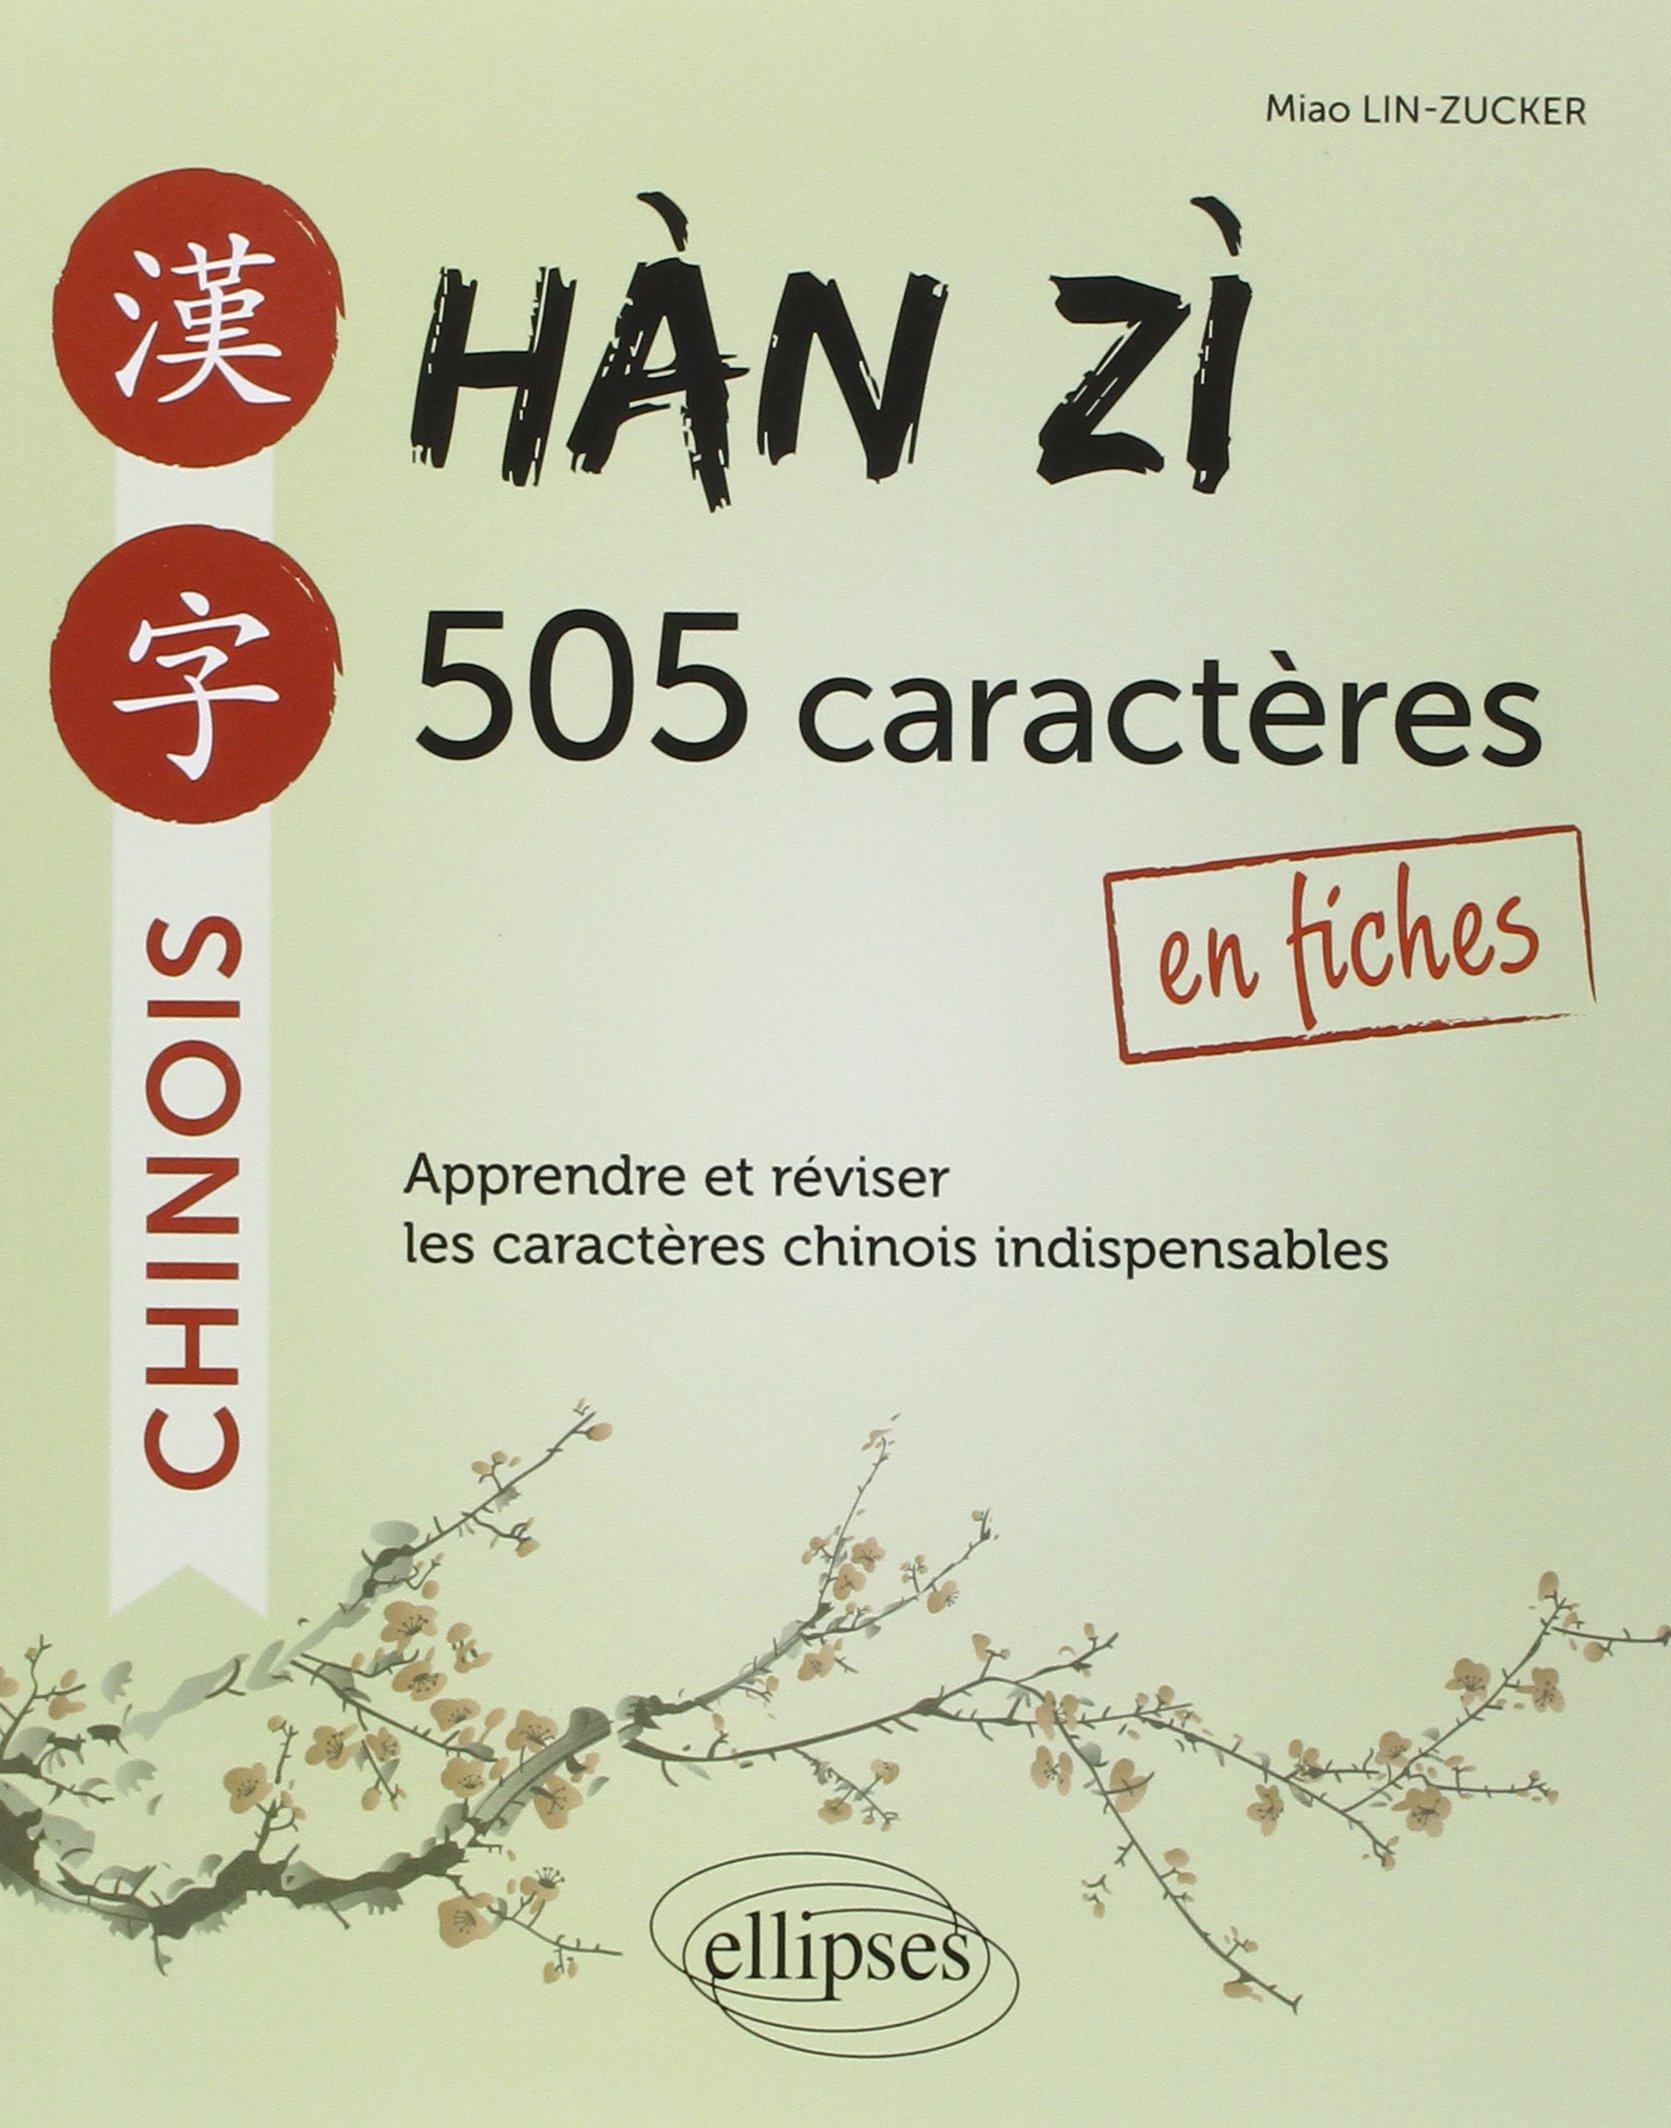 Amazon.fr - Han Zi 505 Caractères Chinois en Fiches Apprendre et Réviser  les Caractères Indispensables - Miao Lin-Zucker - Livres